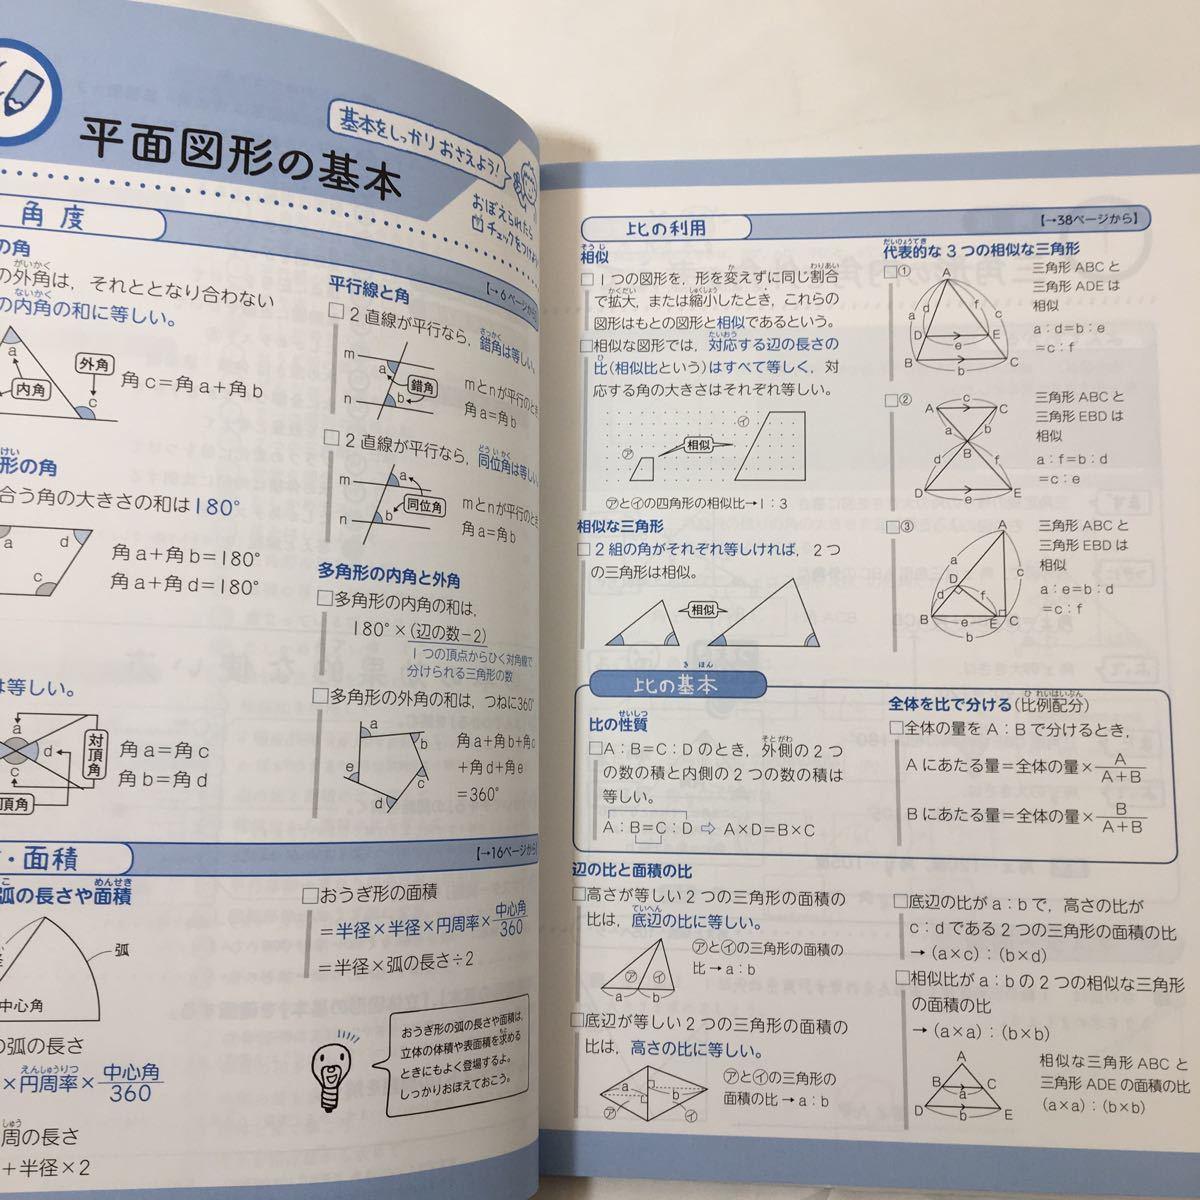 中学入試国語「文章読解」+数学「図形」のつまずきを基礎からしっかり2冊セット 学習研究社 (編さん) z-73